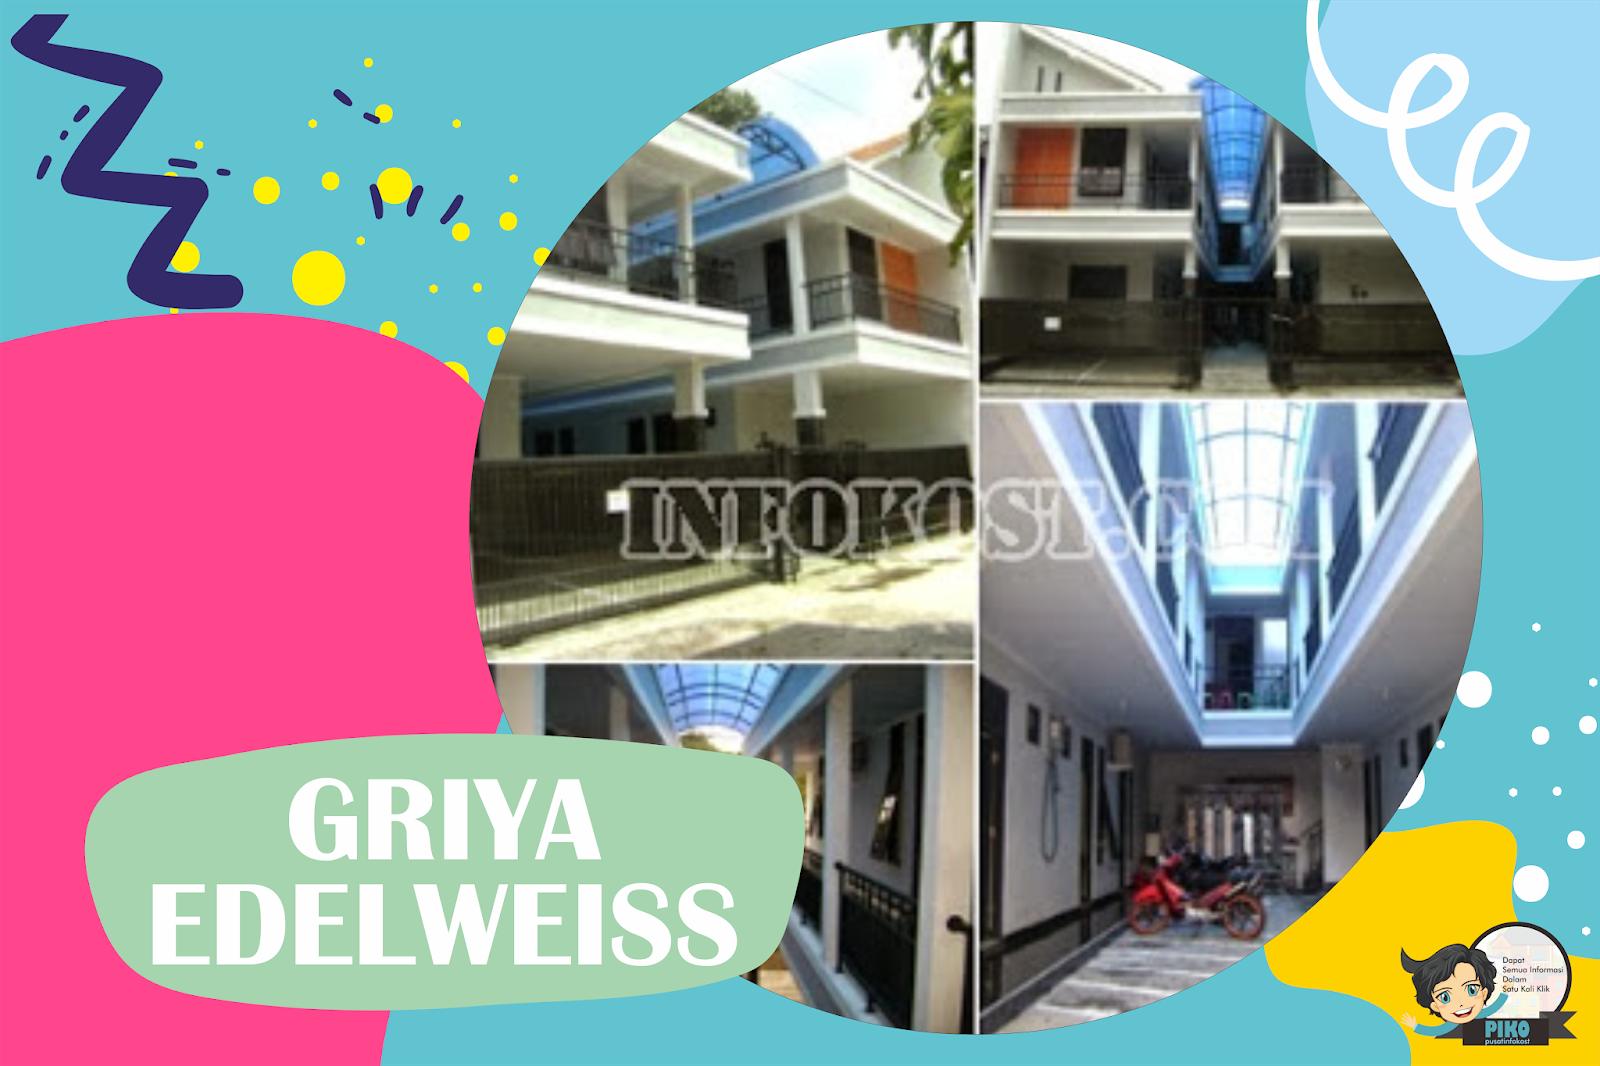 GriyaEdelweiss